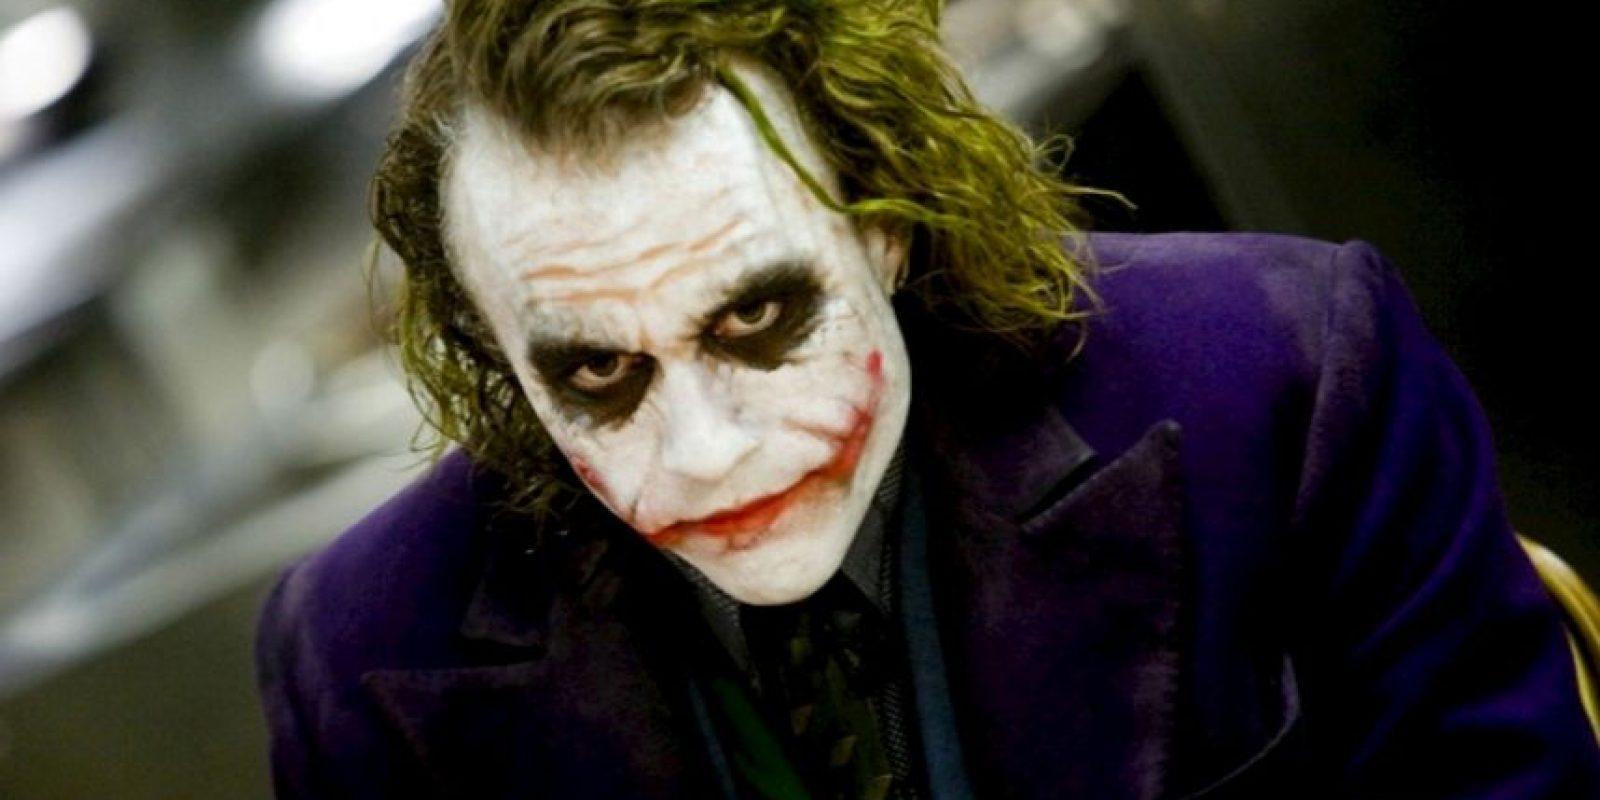 Los fanáticos de la saga manifestaron su descontento con la decisión Foto:Vía IMDB